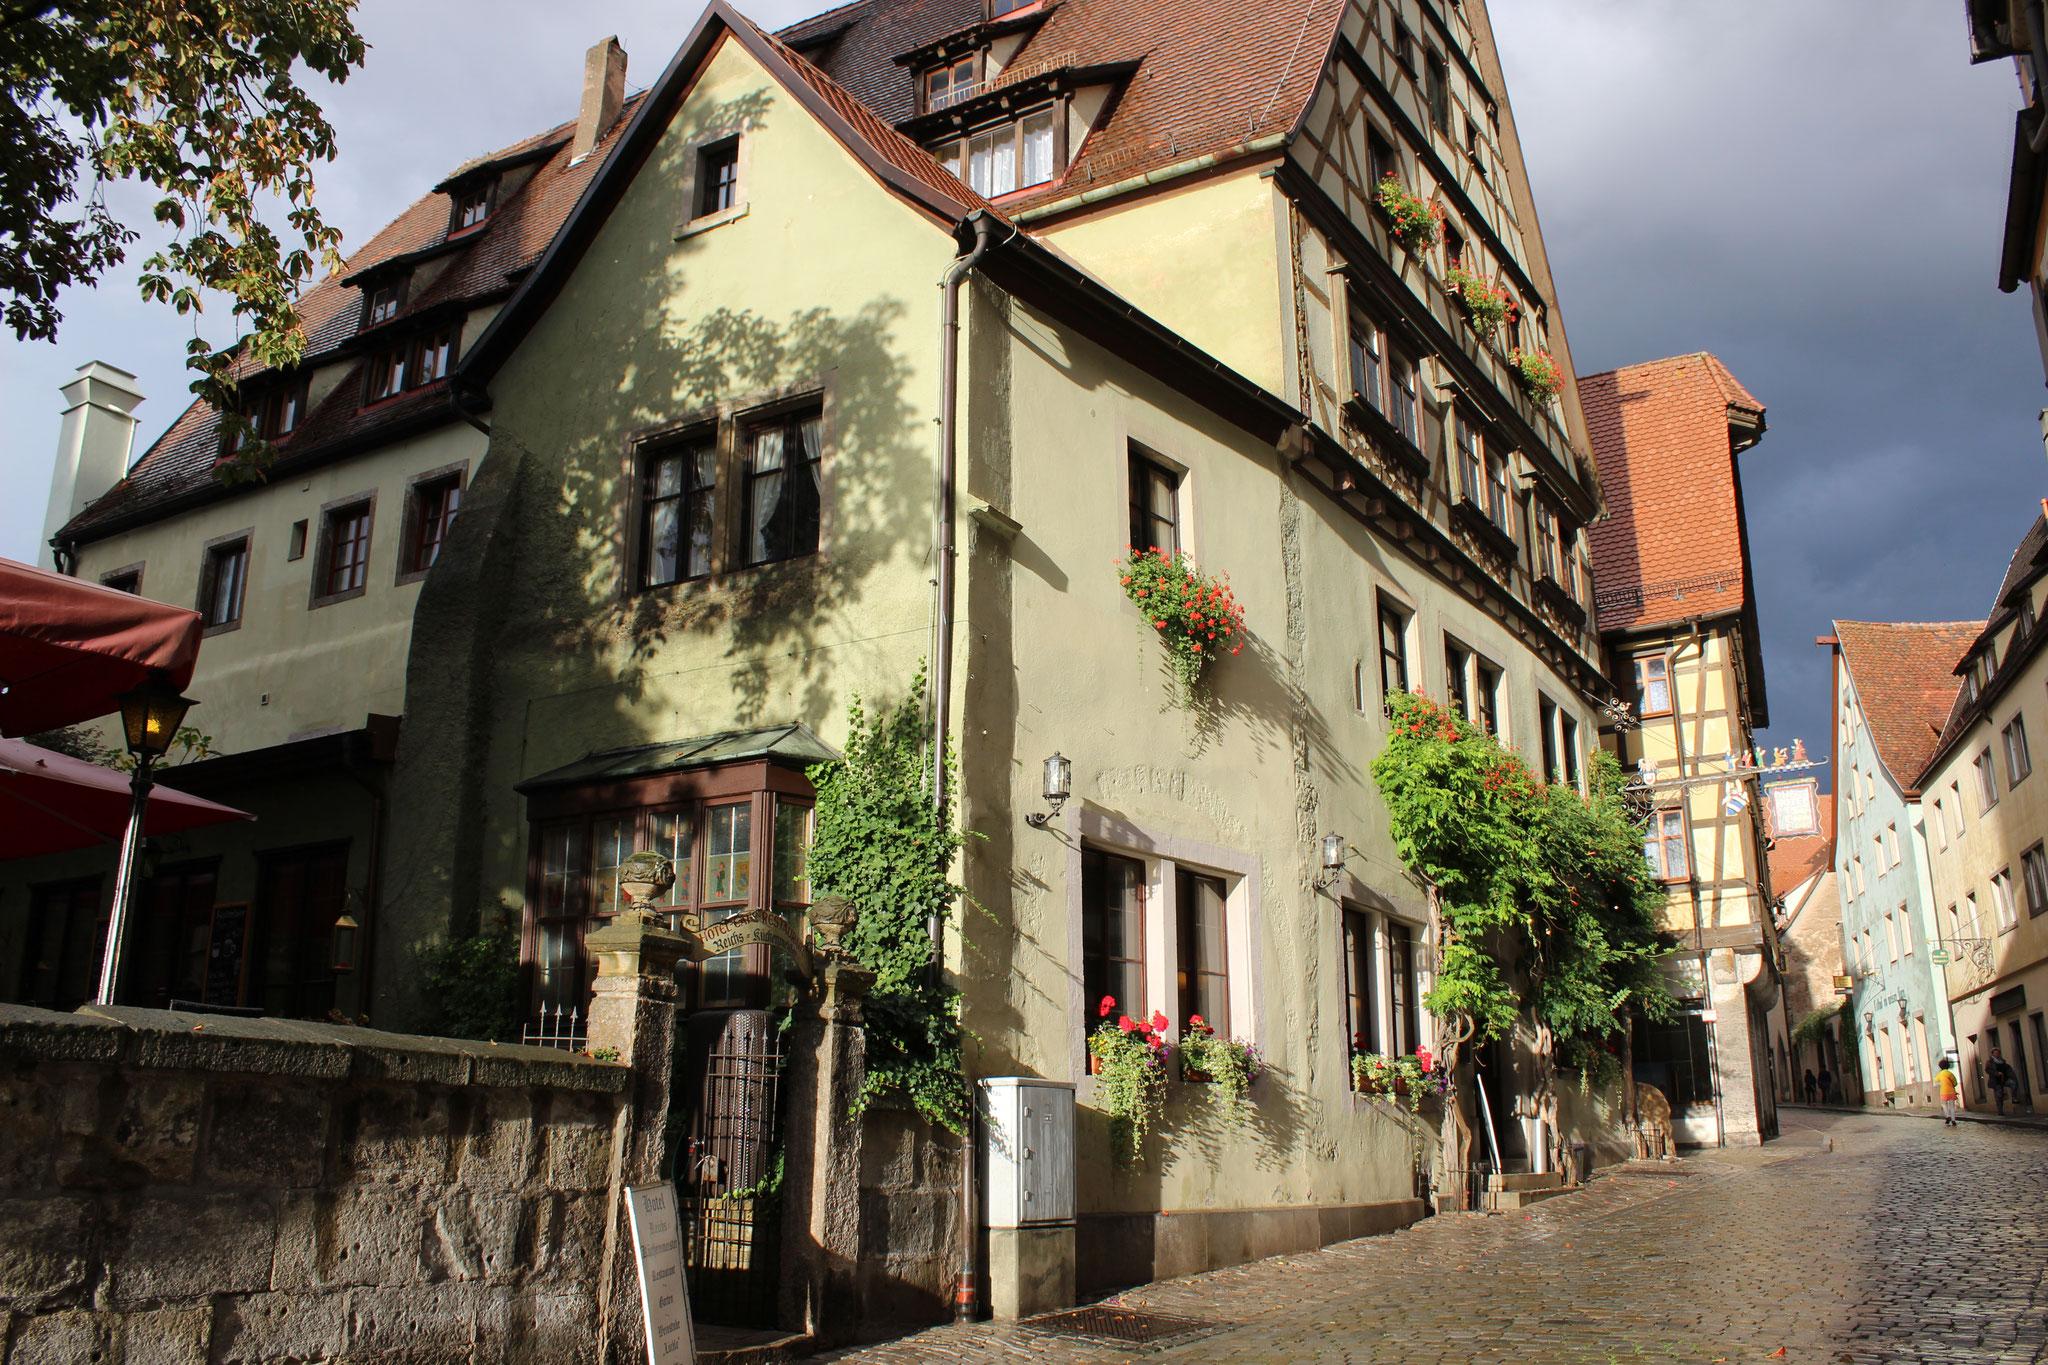 Reichsküchenmeister - Rothenburg ob der Tauber